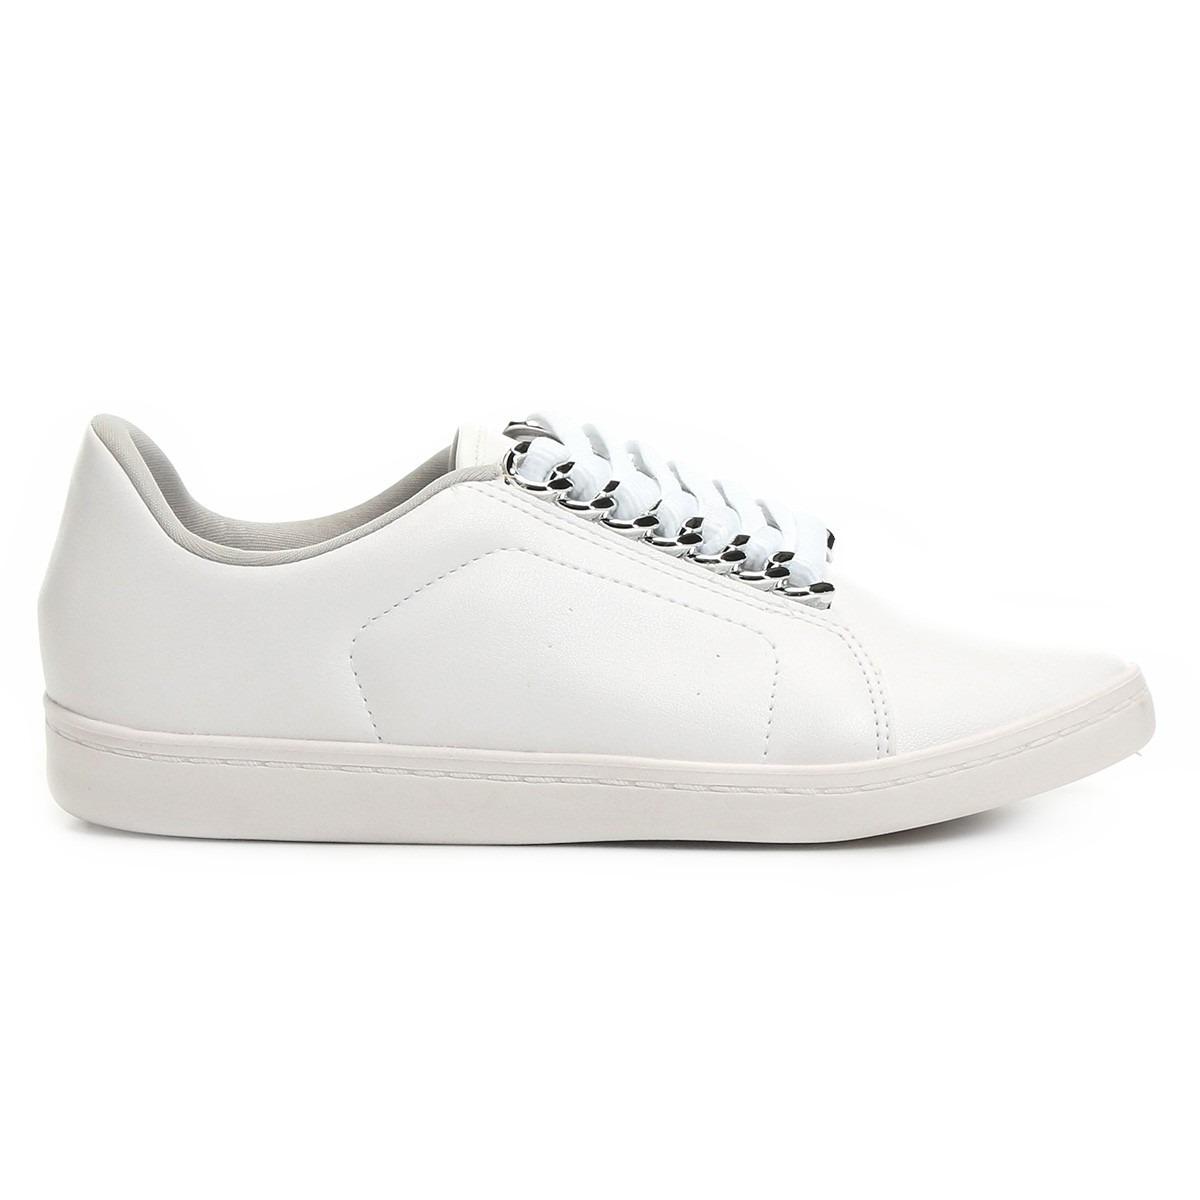 4c4bd4754e tênis feminino branco com prata beira rio conforto. Carregando zoom.